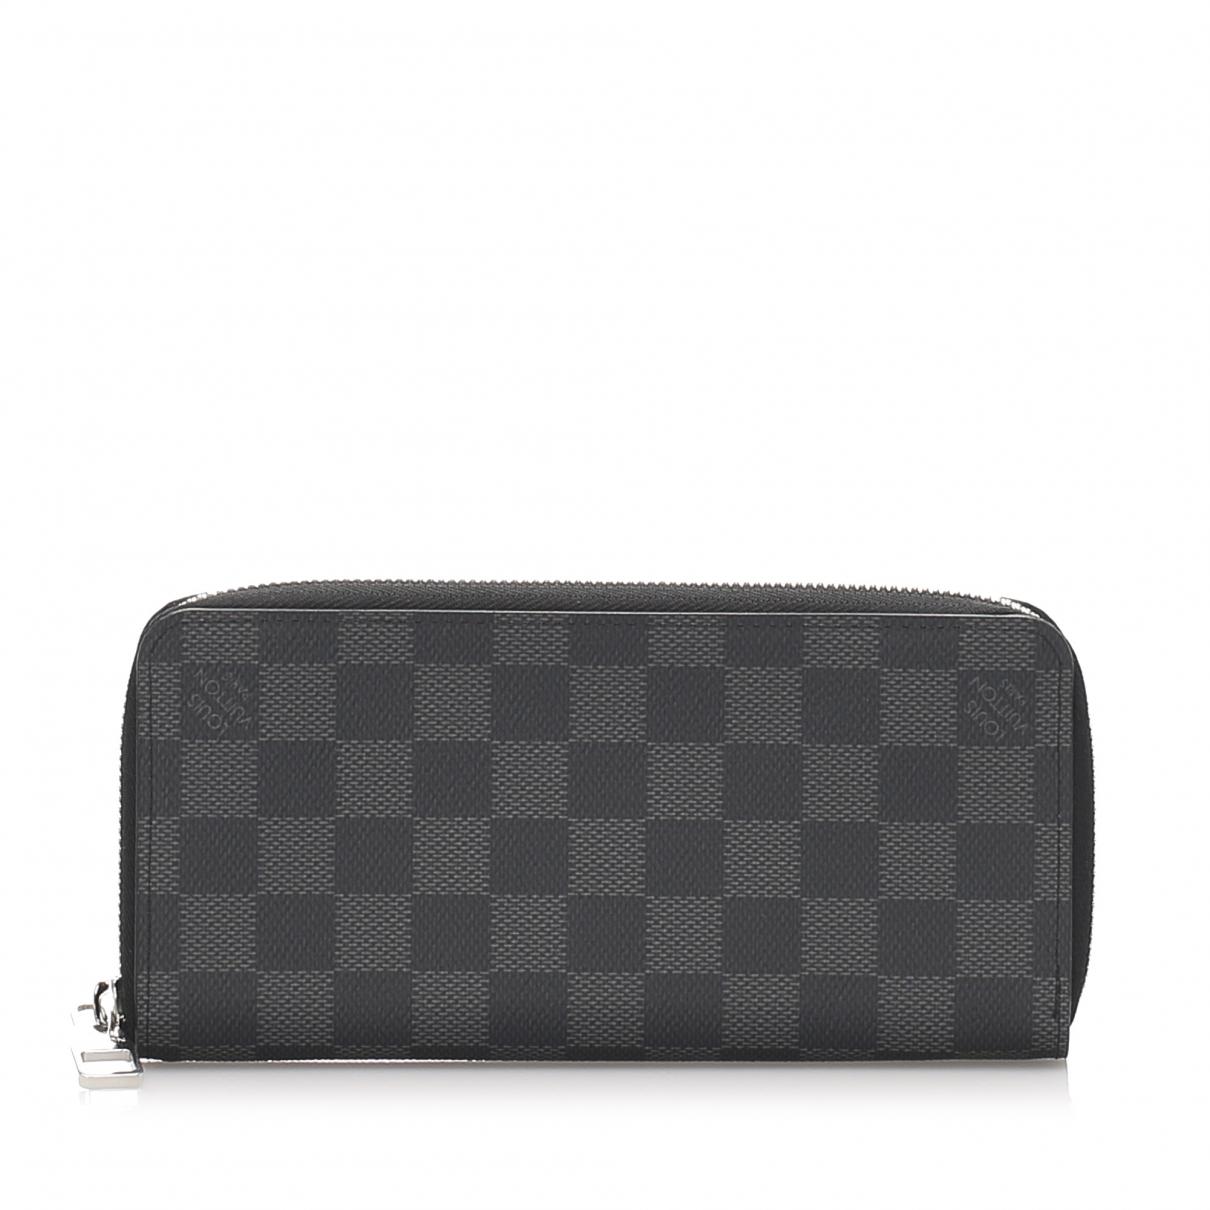 Louis Vuitton - Portefeuille Zippy pour femme en toile - noir